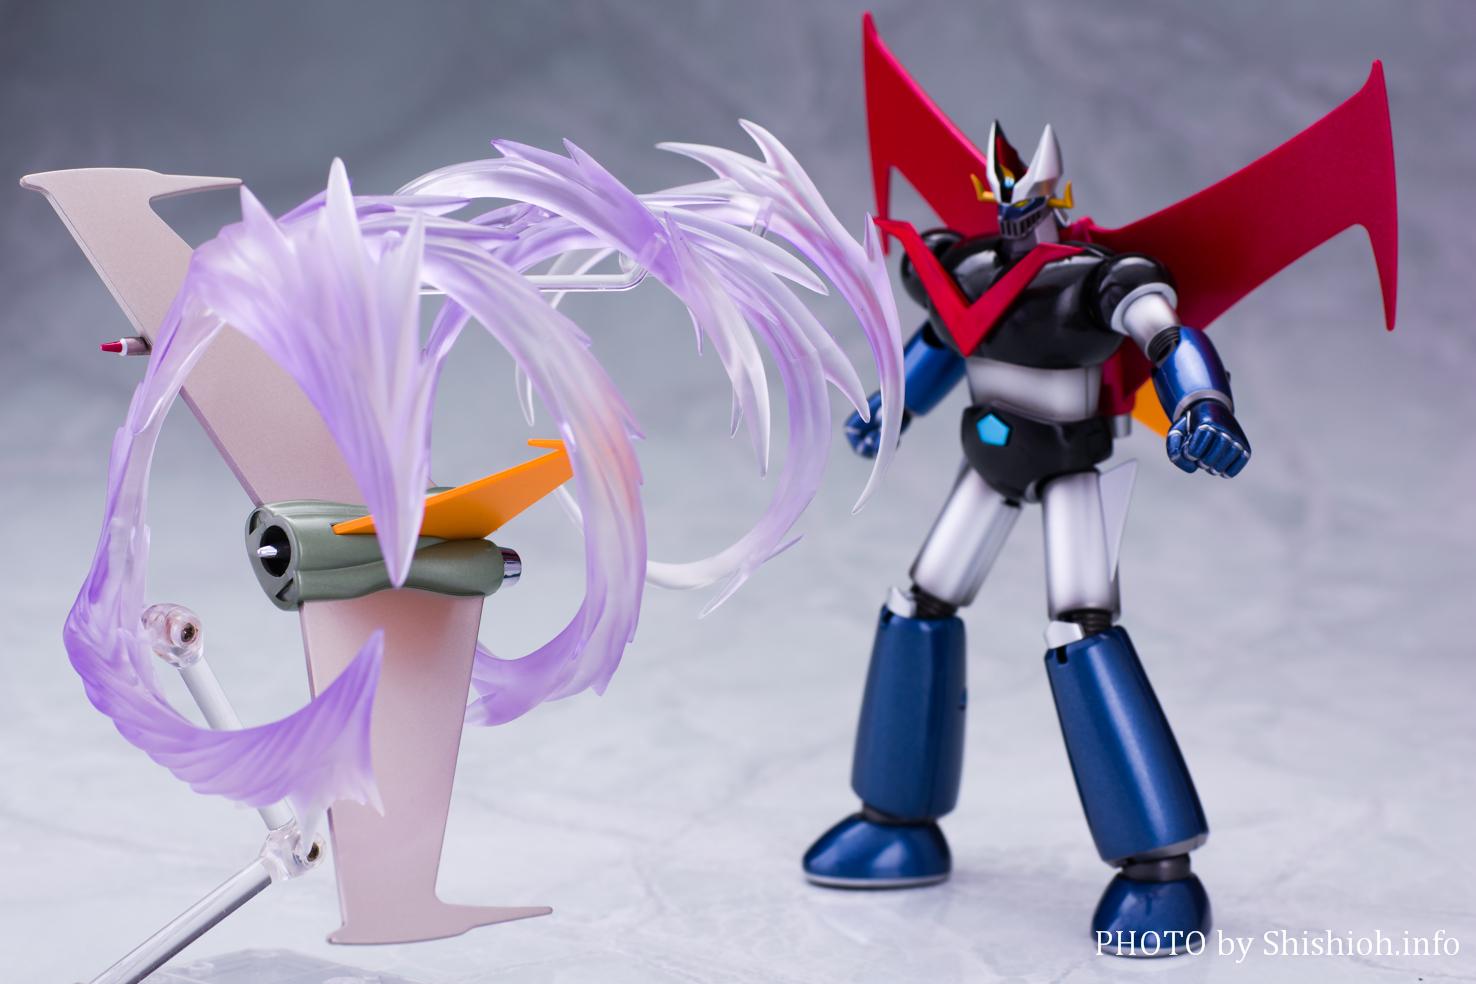 超合金魂 GX-02R(TN2016 Anniv.)グレートマジンガー (魂ネイション2016記念Ver.)